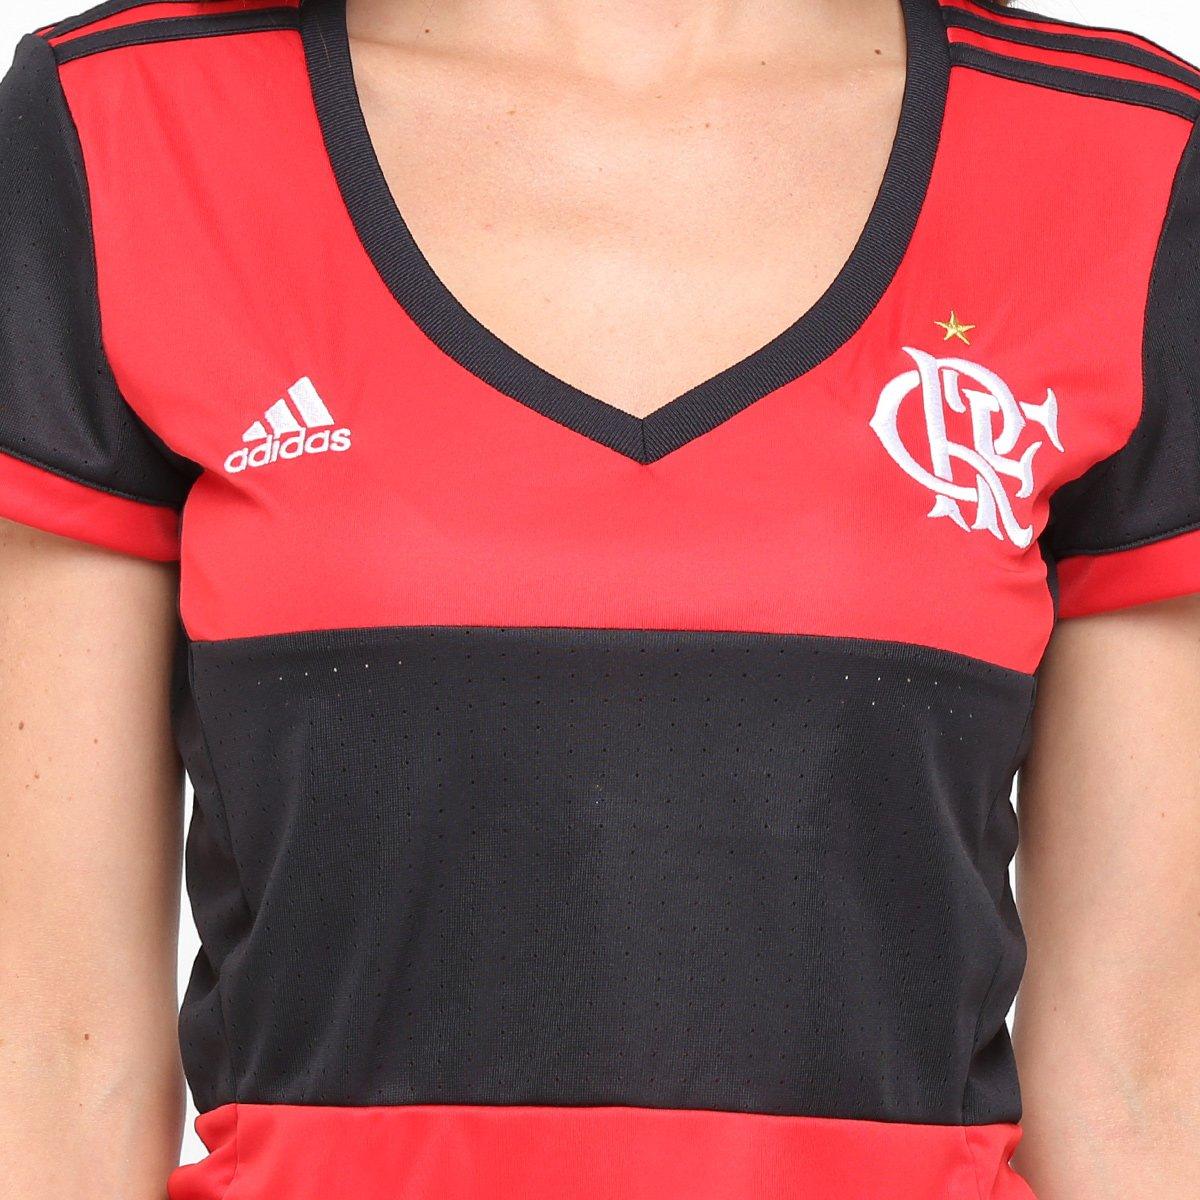 Camisa Flamengo I 17 18 s nº Torcedor Adidas Feminina - Preto e ... 0c6151da79cdc